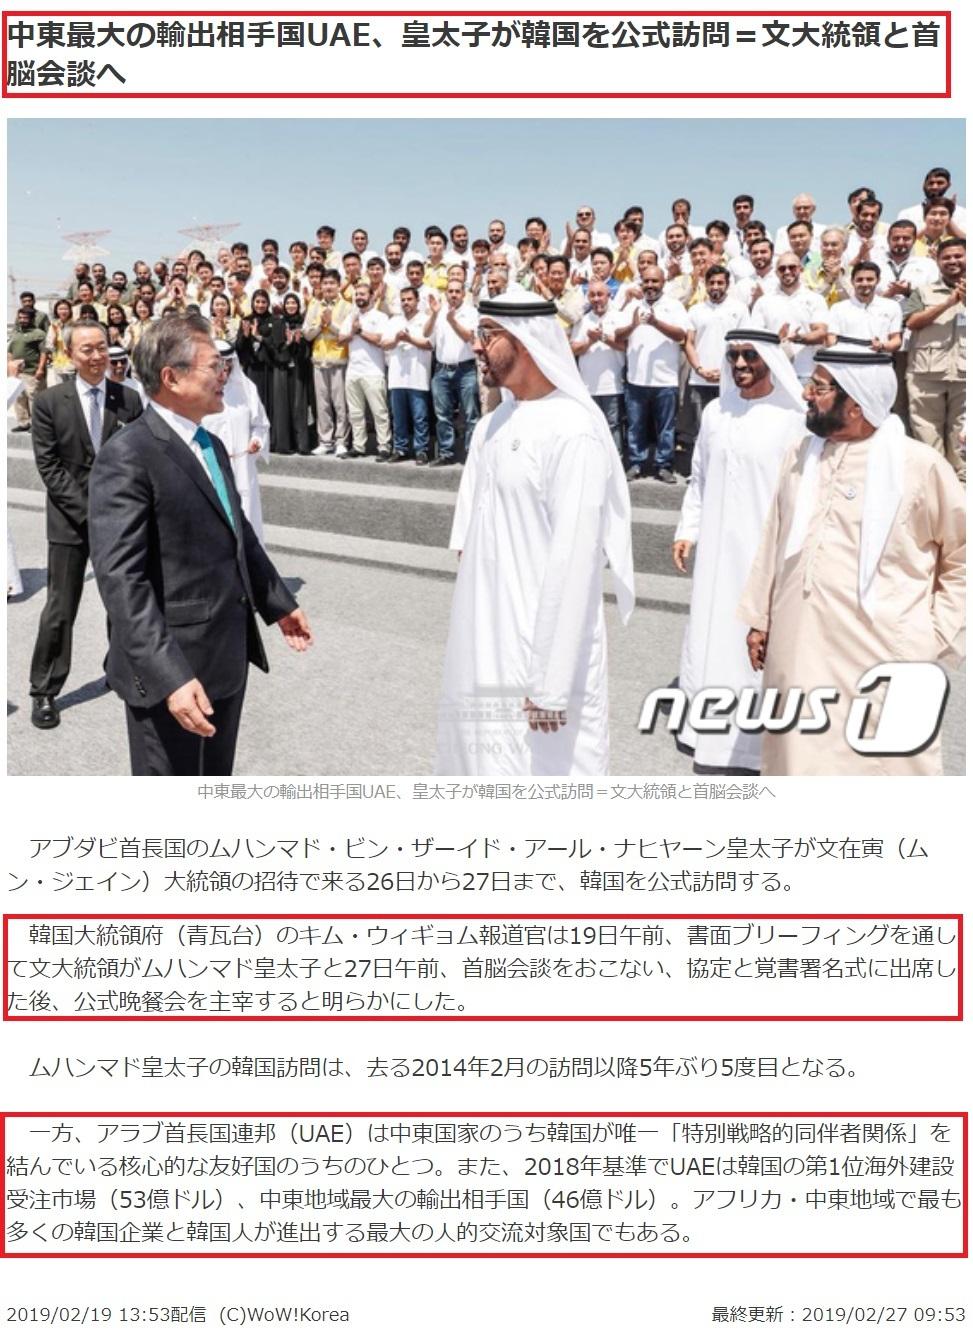 UAE皇太子が下朝鮮と協定と覚書署名